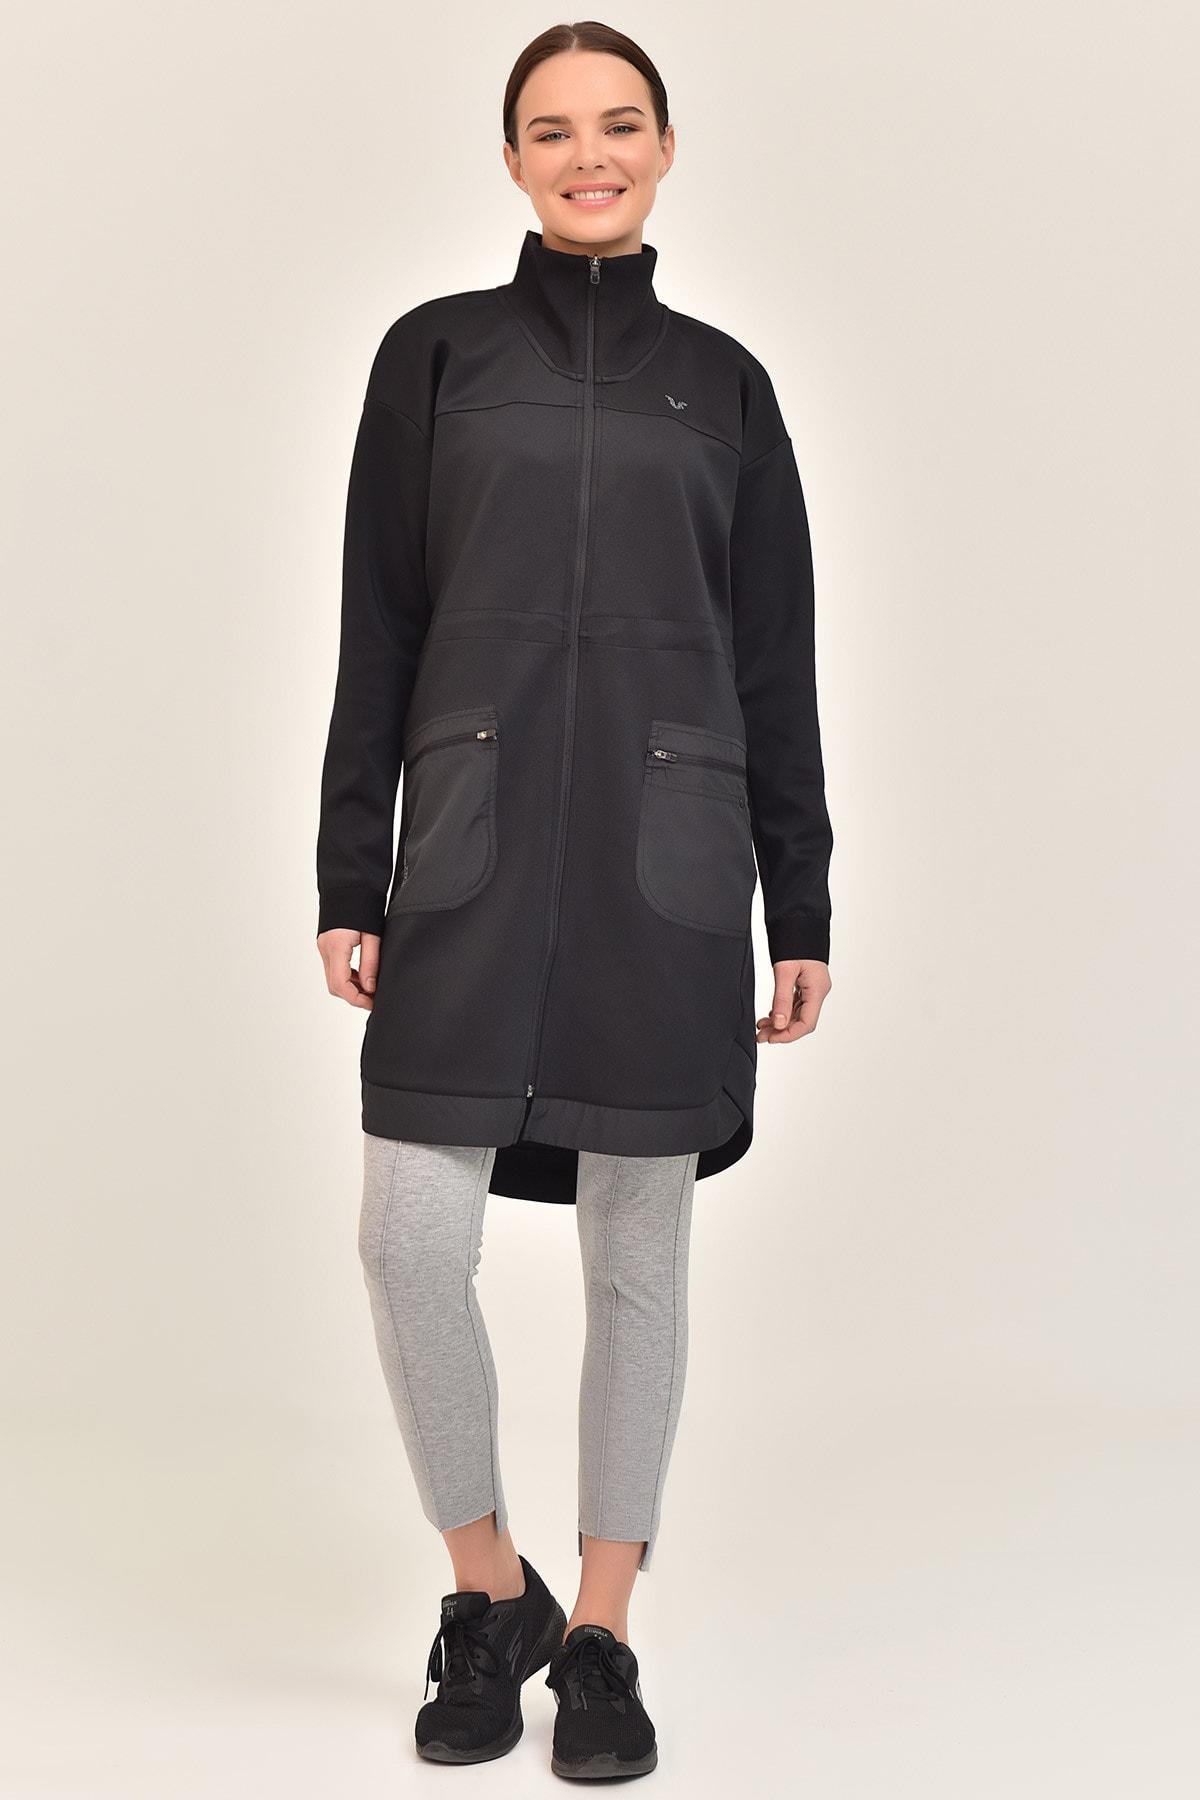 bilcee Siyah Kadın Uzun Ceket GS-1521 1